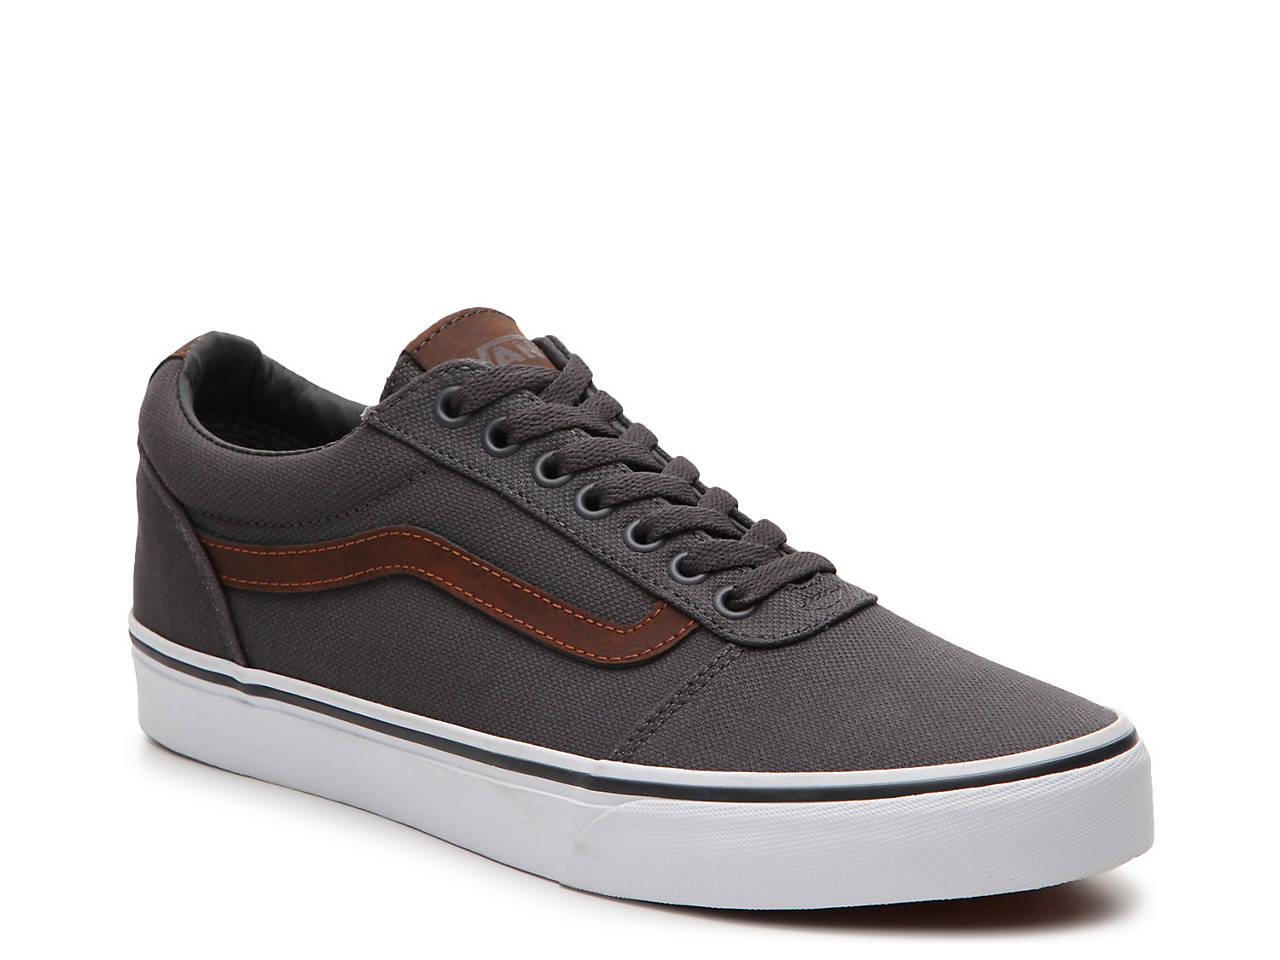 b2ef65e5a69e65 Vans. Ward Sneaker - Men s